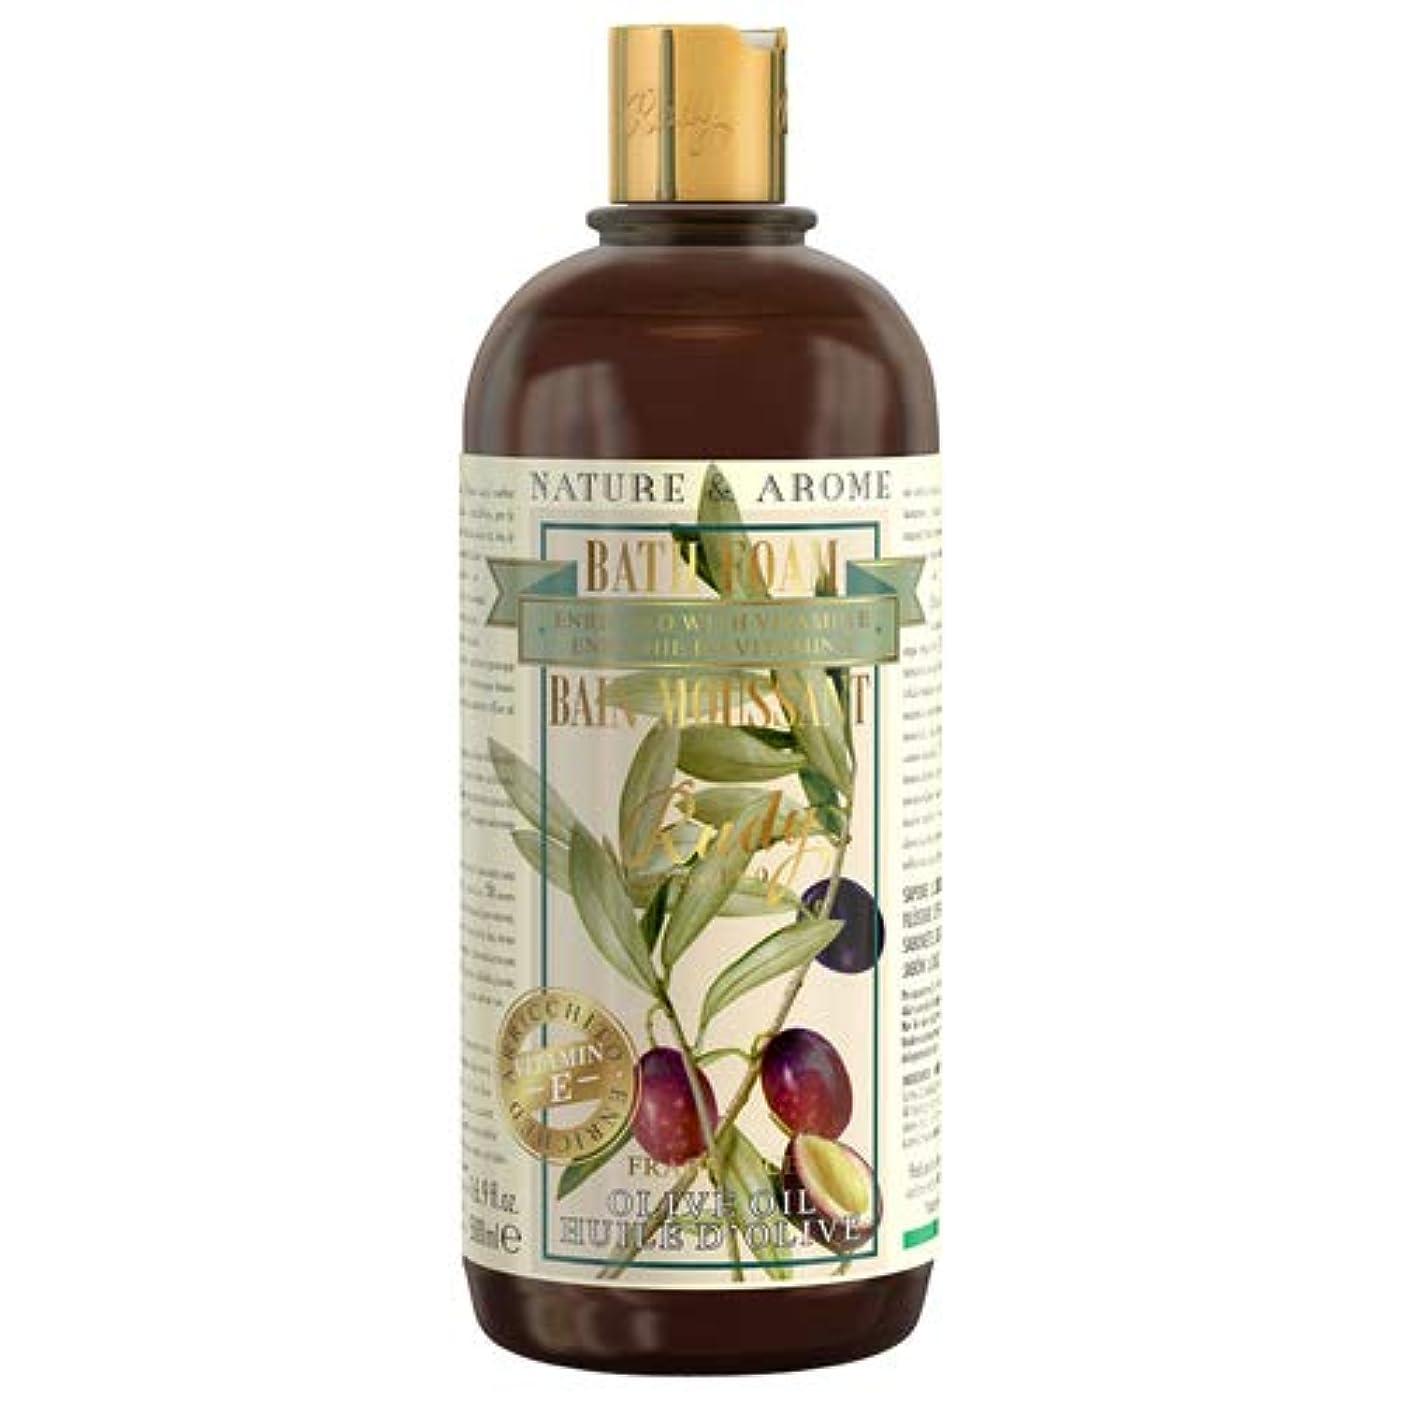 肉欲求不満不一致ルディ(Rudy) RUDY Nature&Arome Apothecary ネイチャーアロマ アポセカリー Bath & Shower Gel バス&シャワージェル Olive Oil オリーブオイル